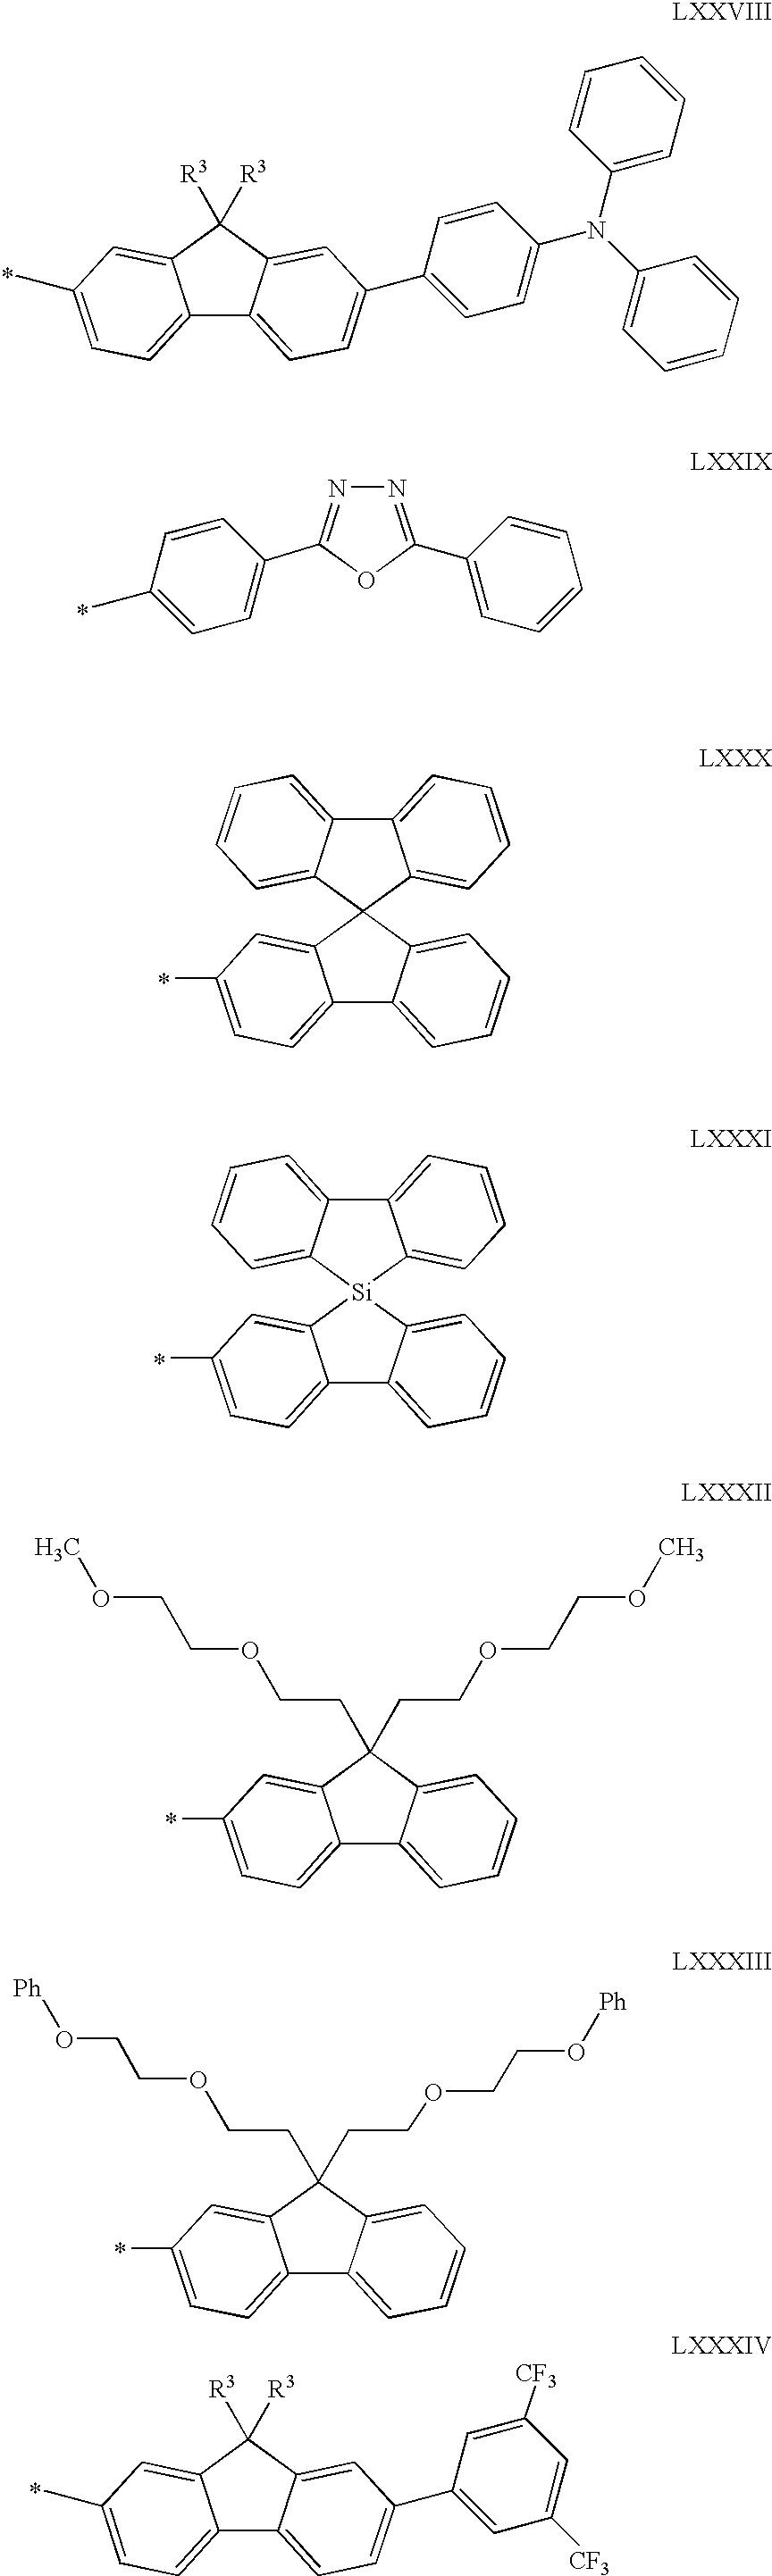 Figure US20040062930A1-20040401-C00018